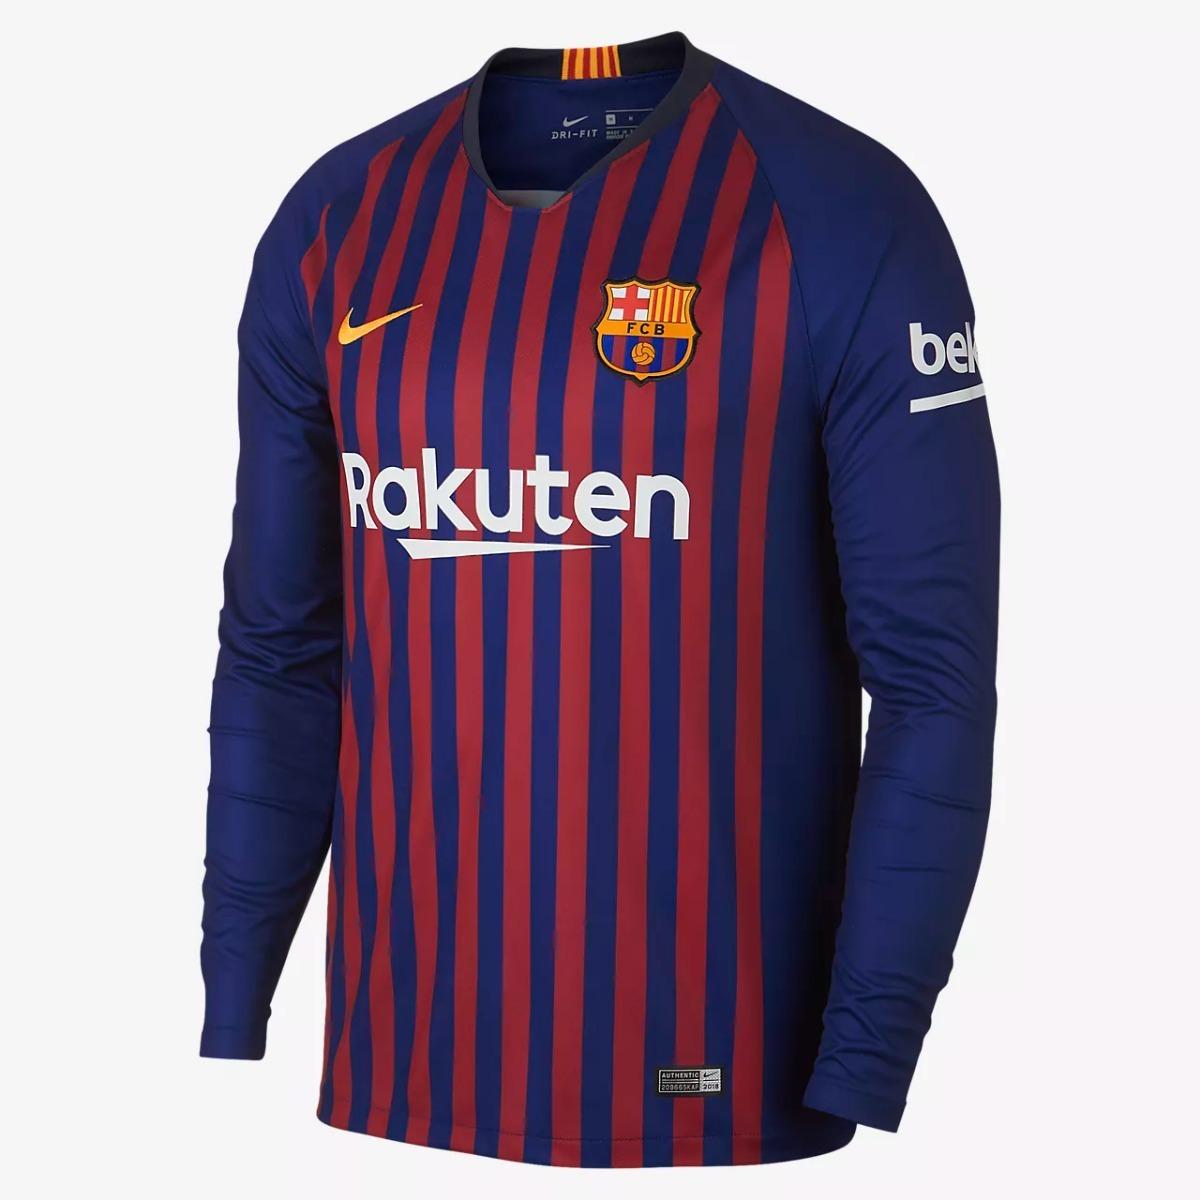 Uniforme Fútbol Manga Larga Adulto Barcelona 2018-2019 -   145.000 ... 5d5f4e2cd51